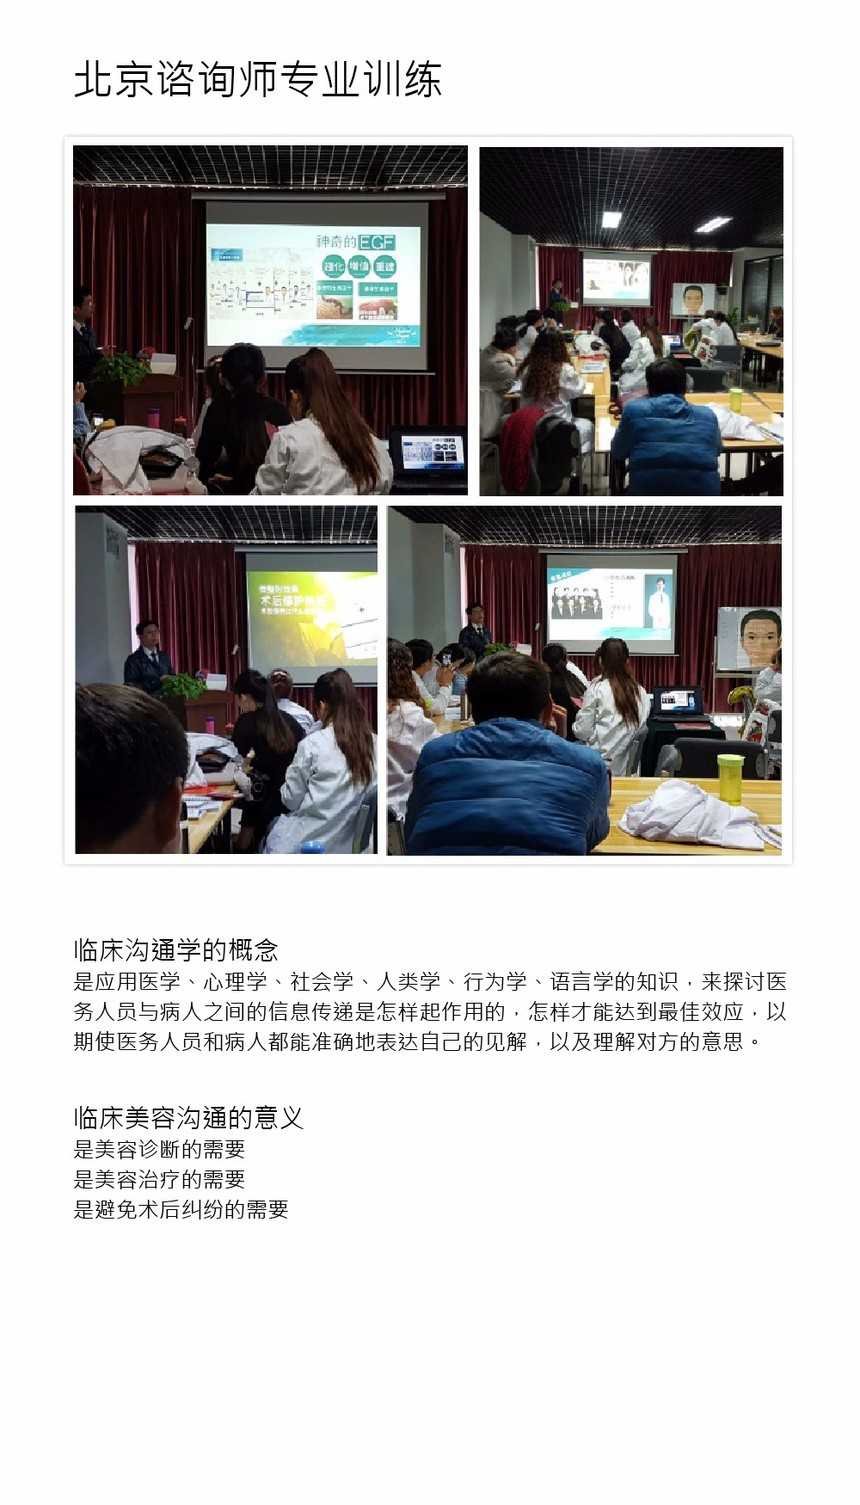 20161026-北京.jpg